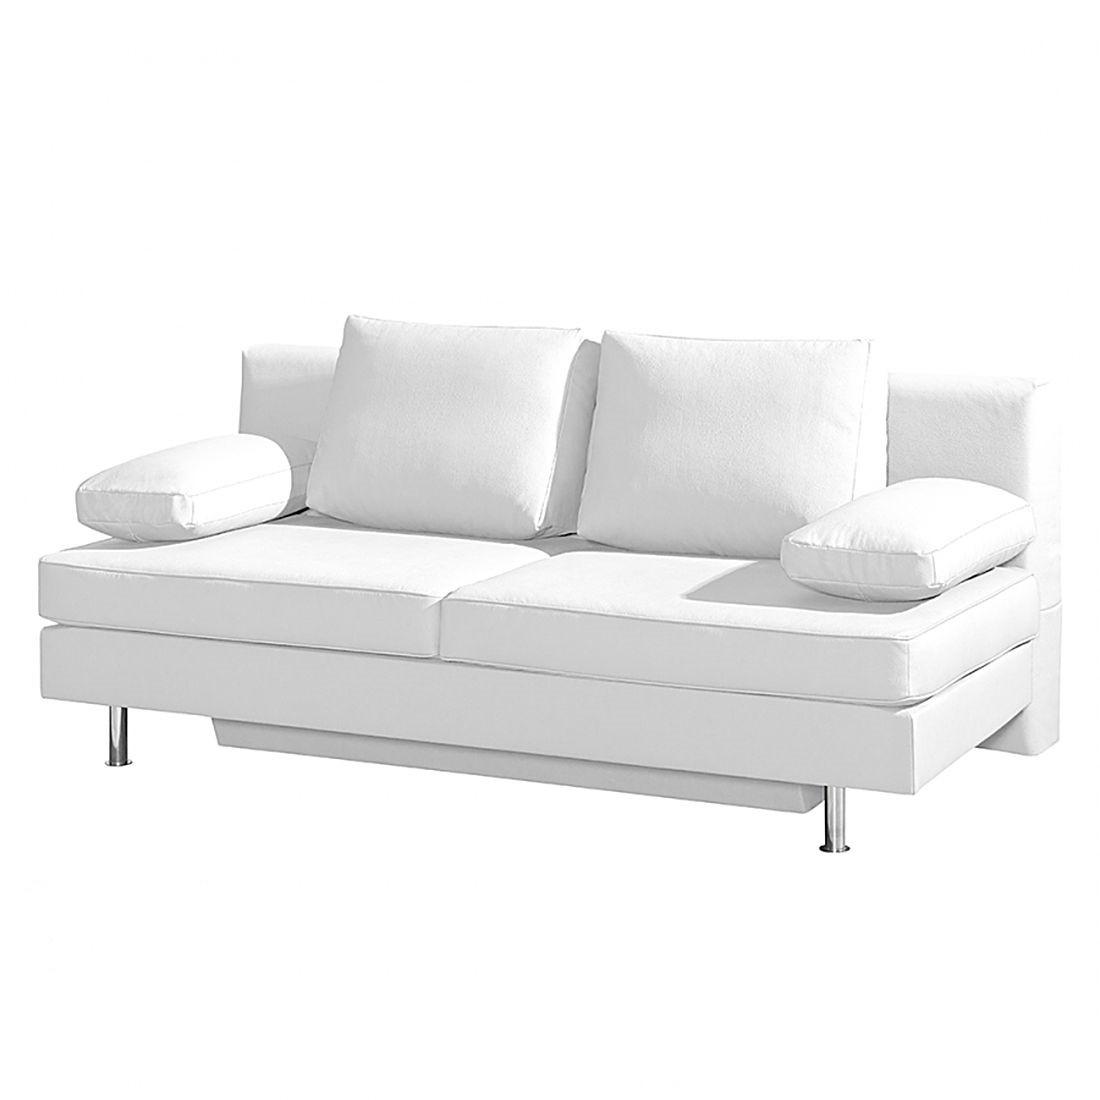 goedkoop Slaapbank Emmanuela wit kunstleer roomscape